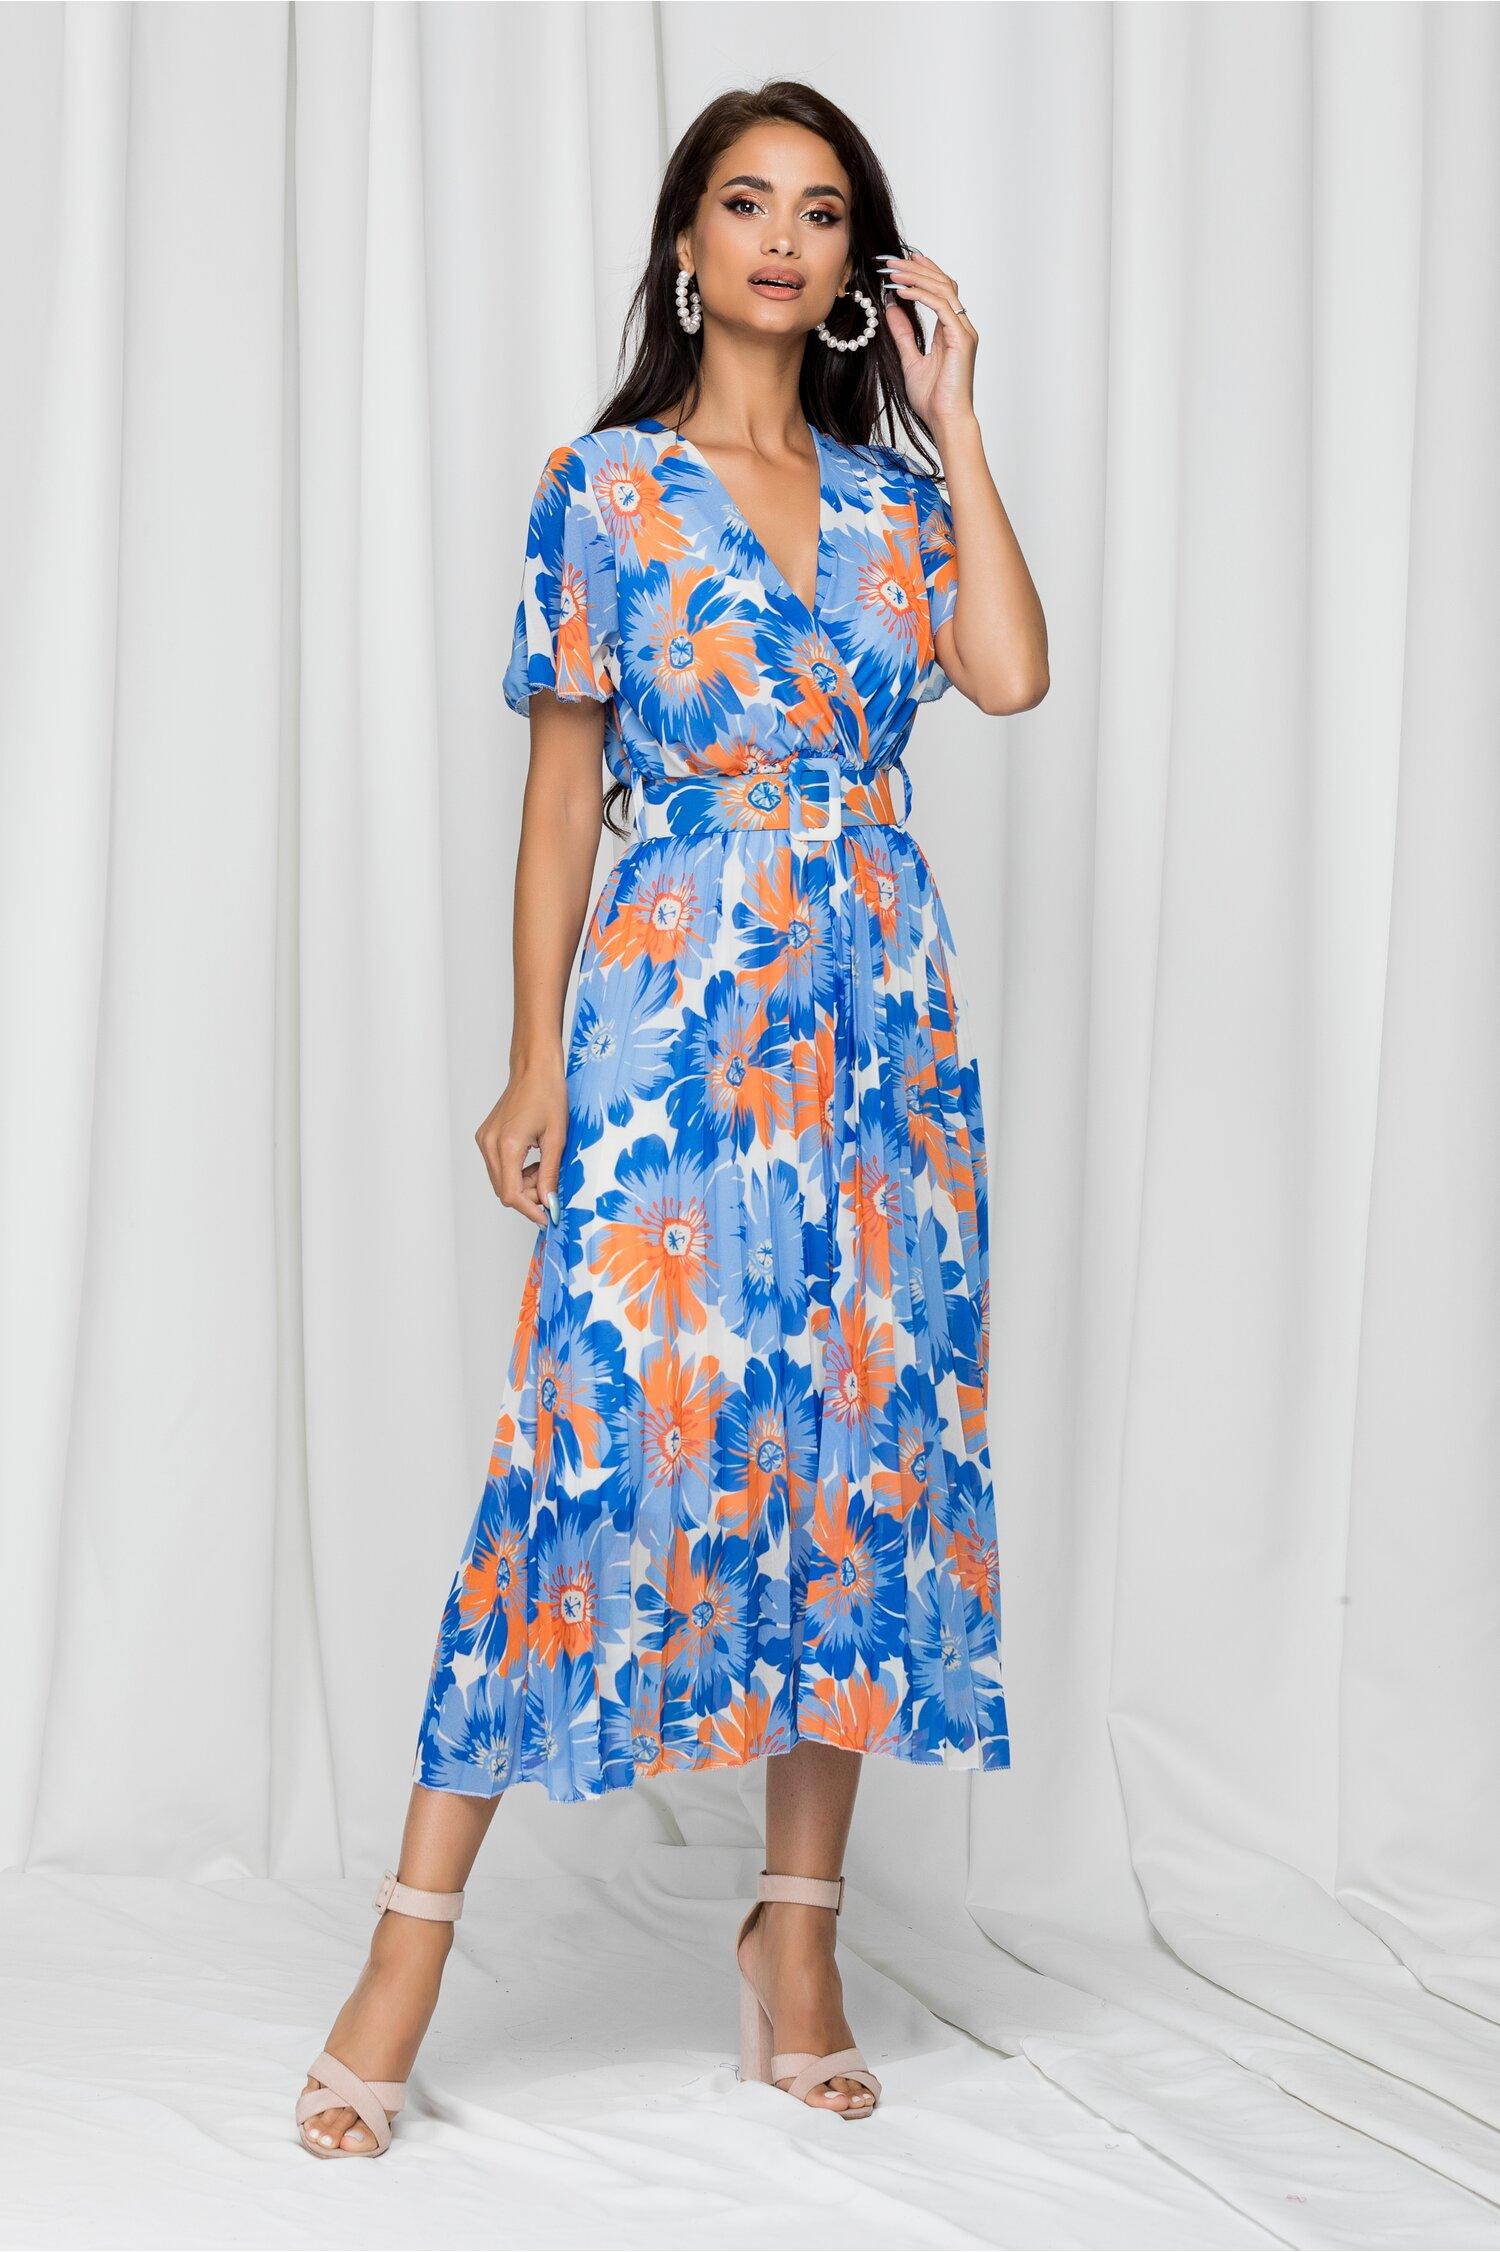 Rochie Kamelia albastra cu pliuri pe fusta si imprimeu floral portocaliu